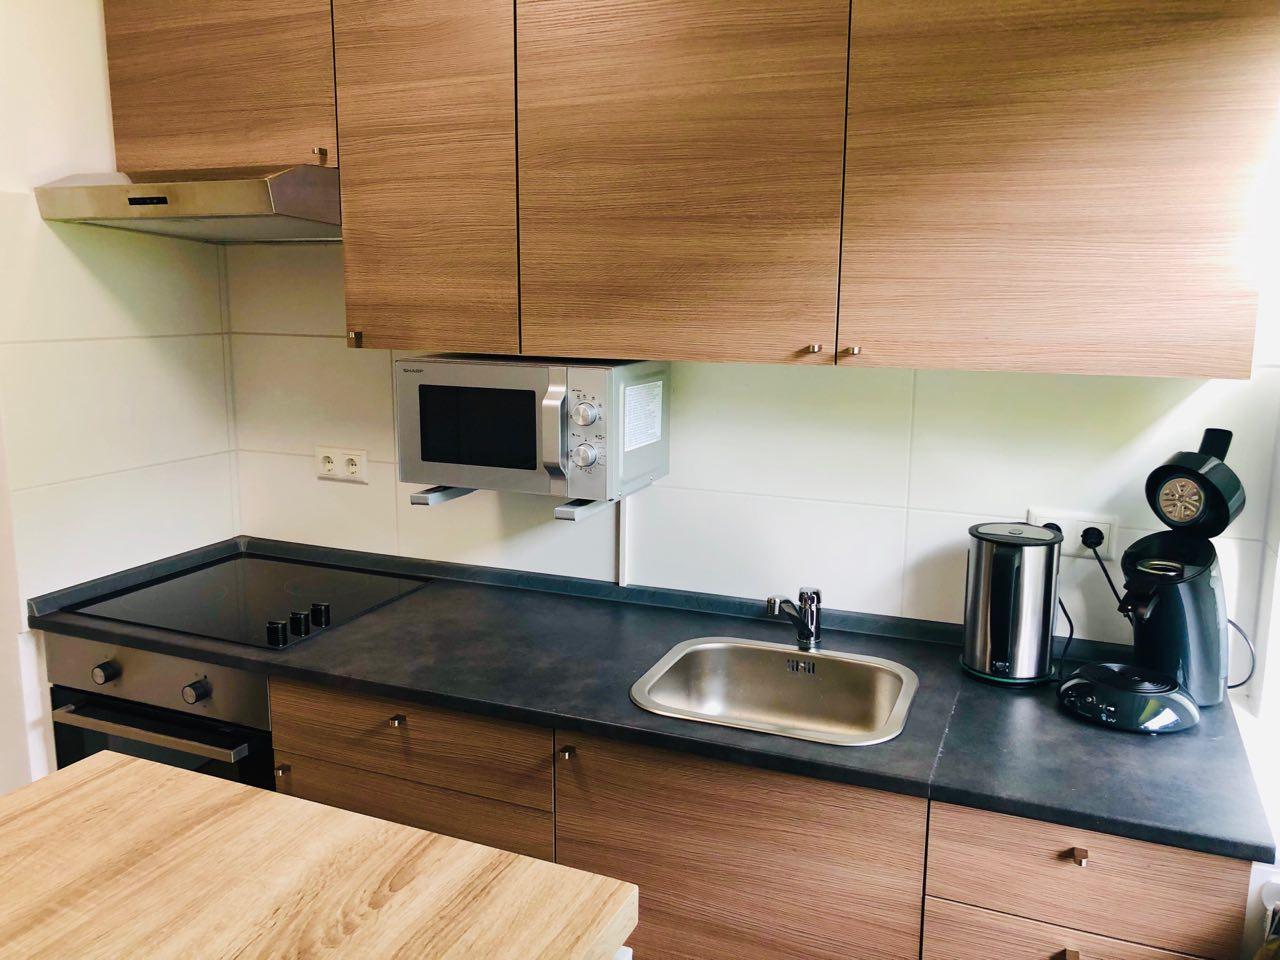 Küchenfront frontal